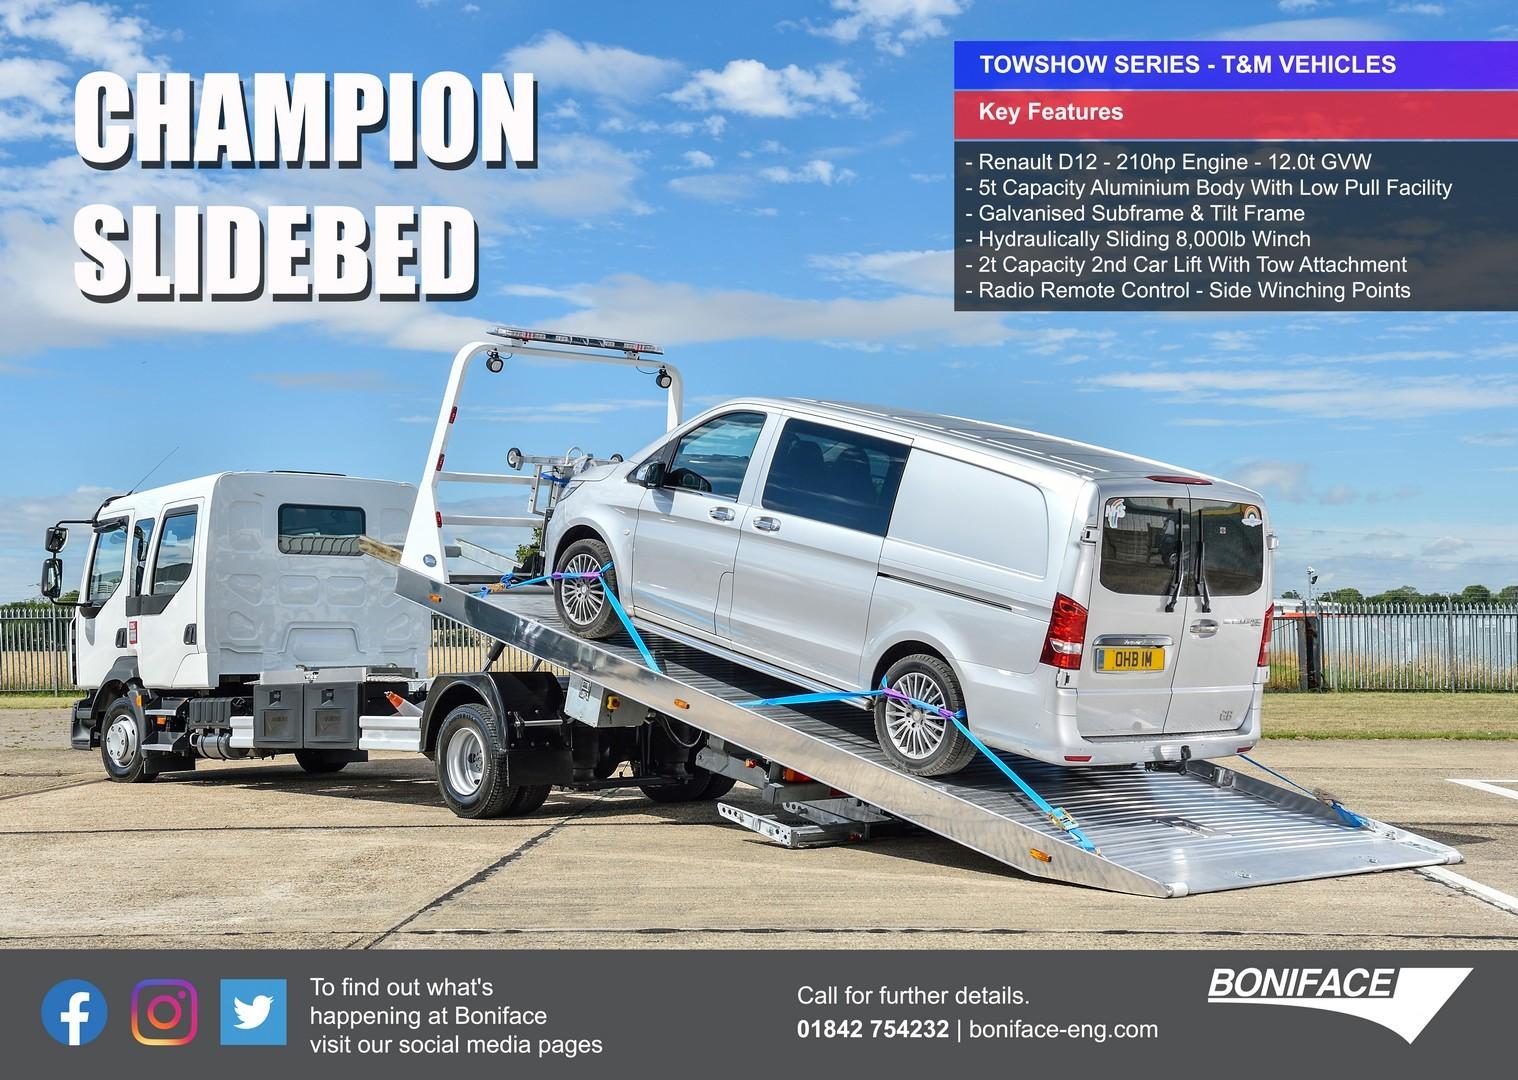 Champion 5T 1